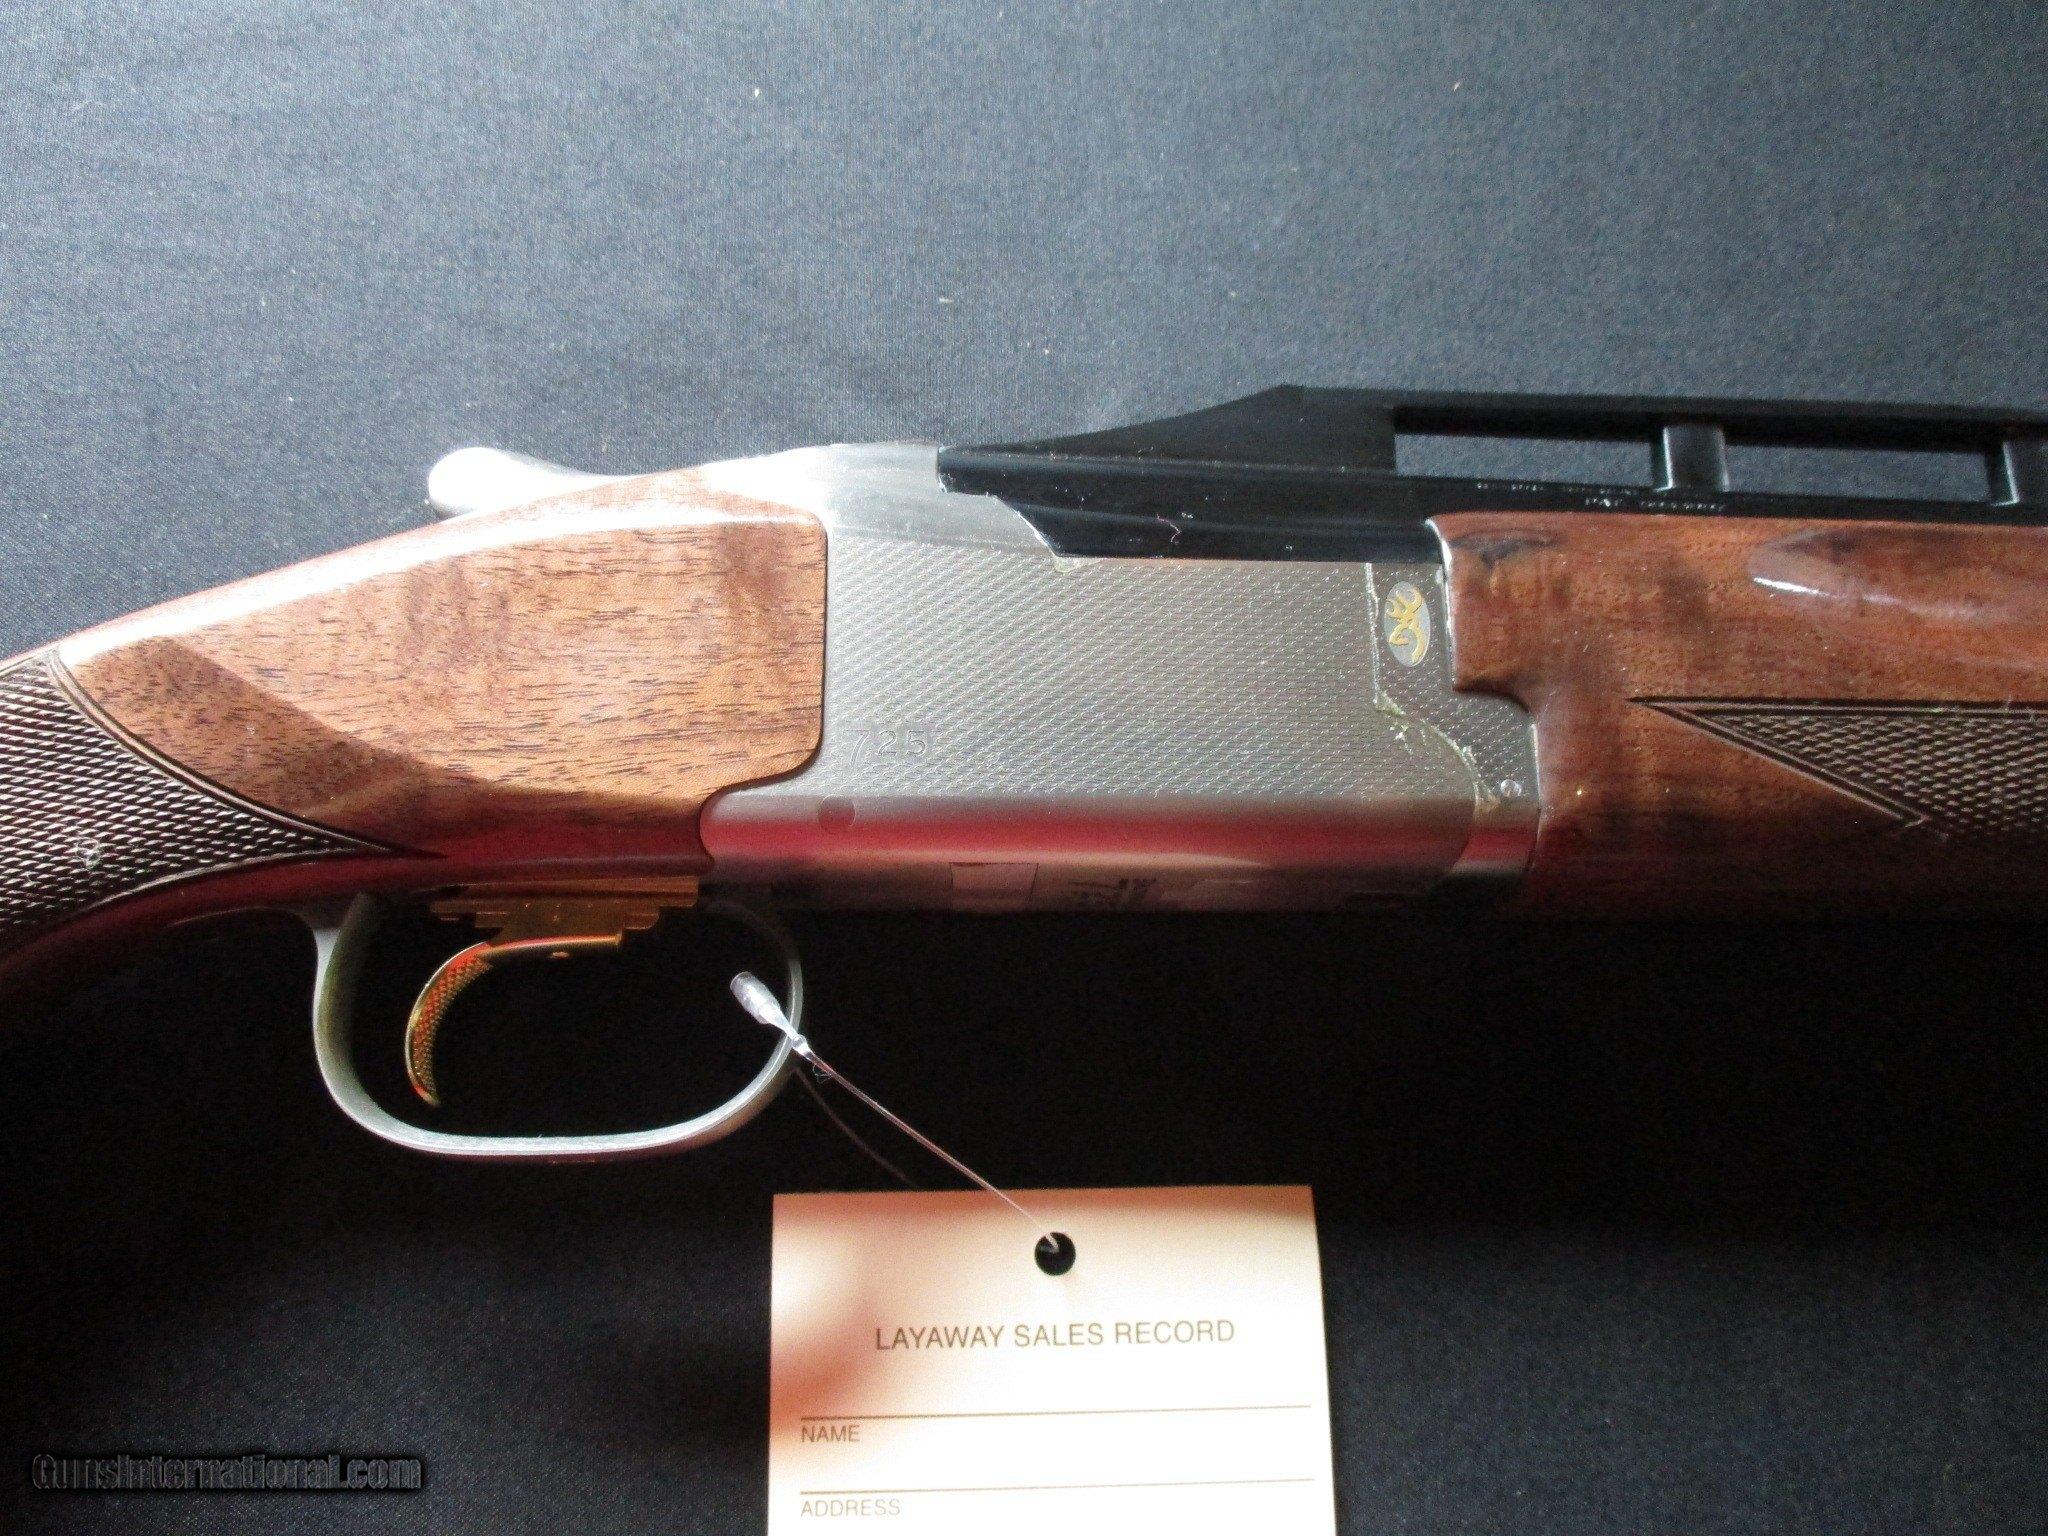 Browning Citori 725 Trap Adj Comb, LEFT HAND LH, NIB